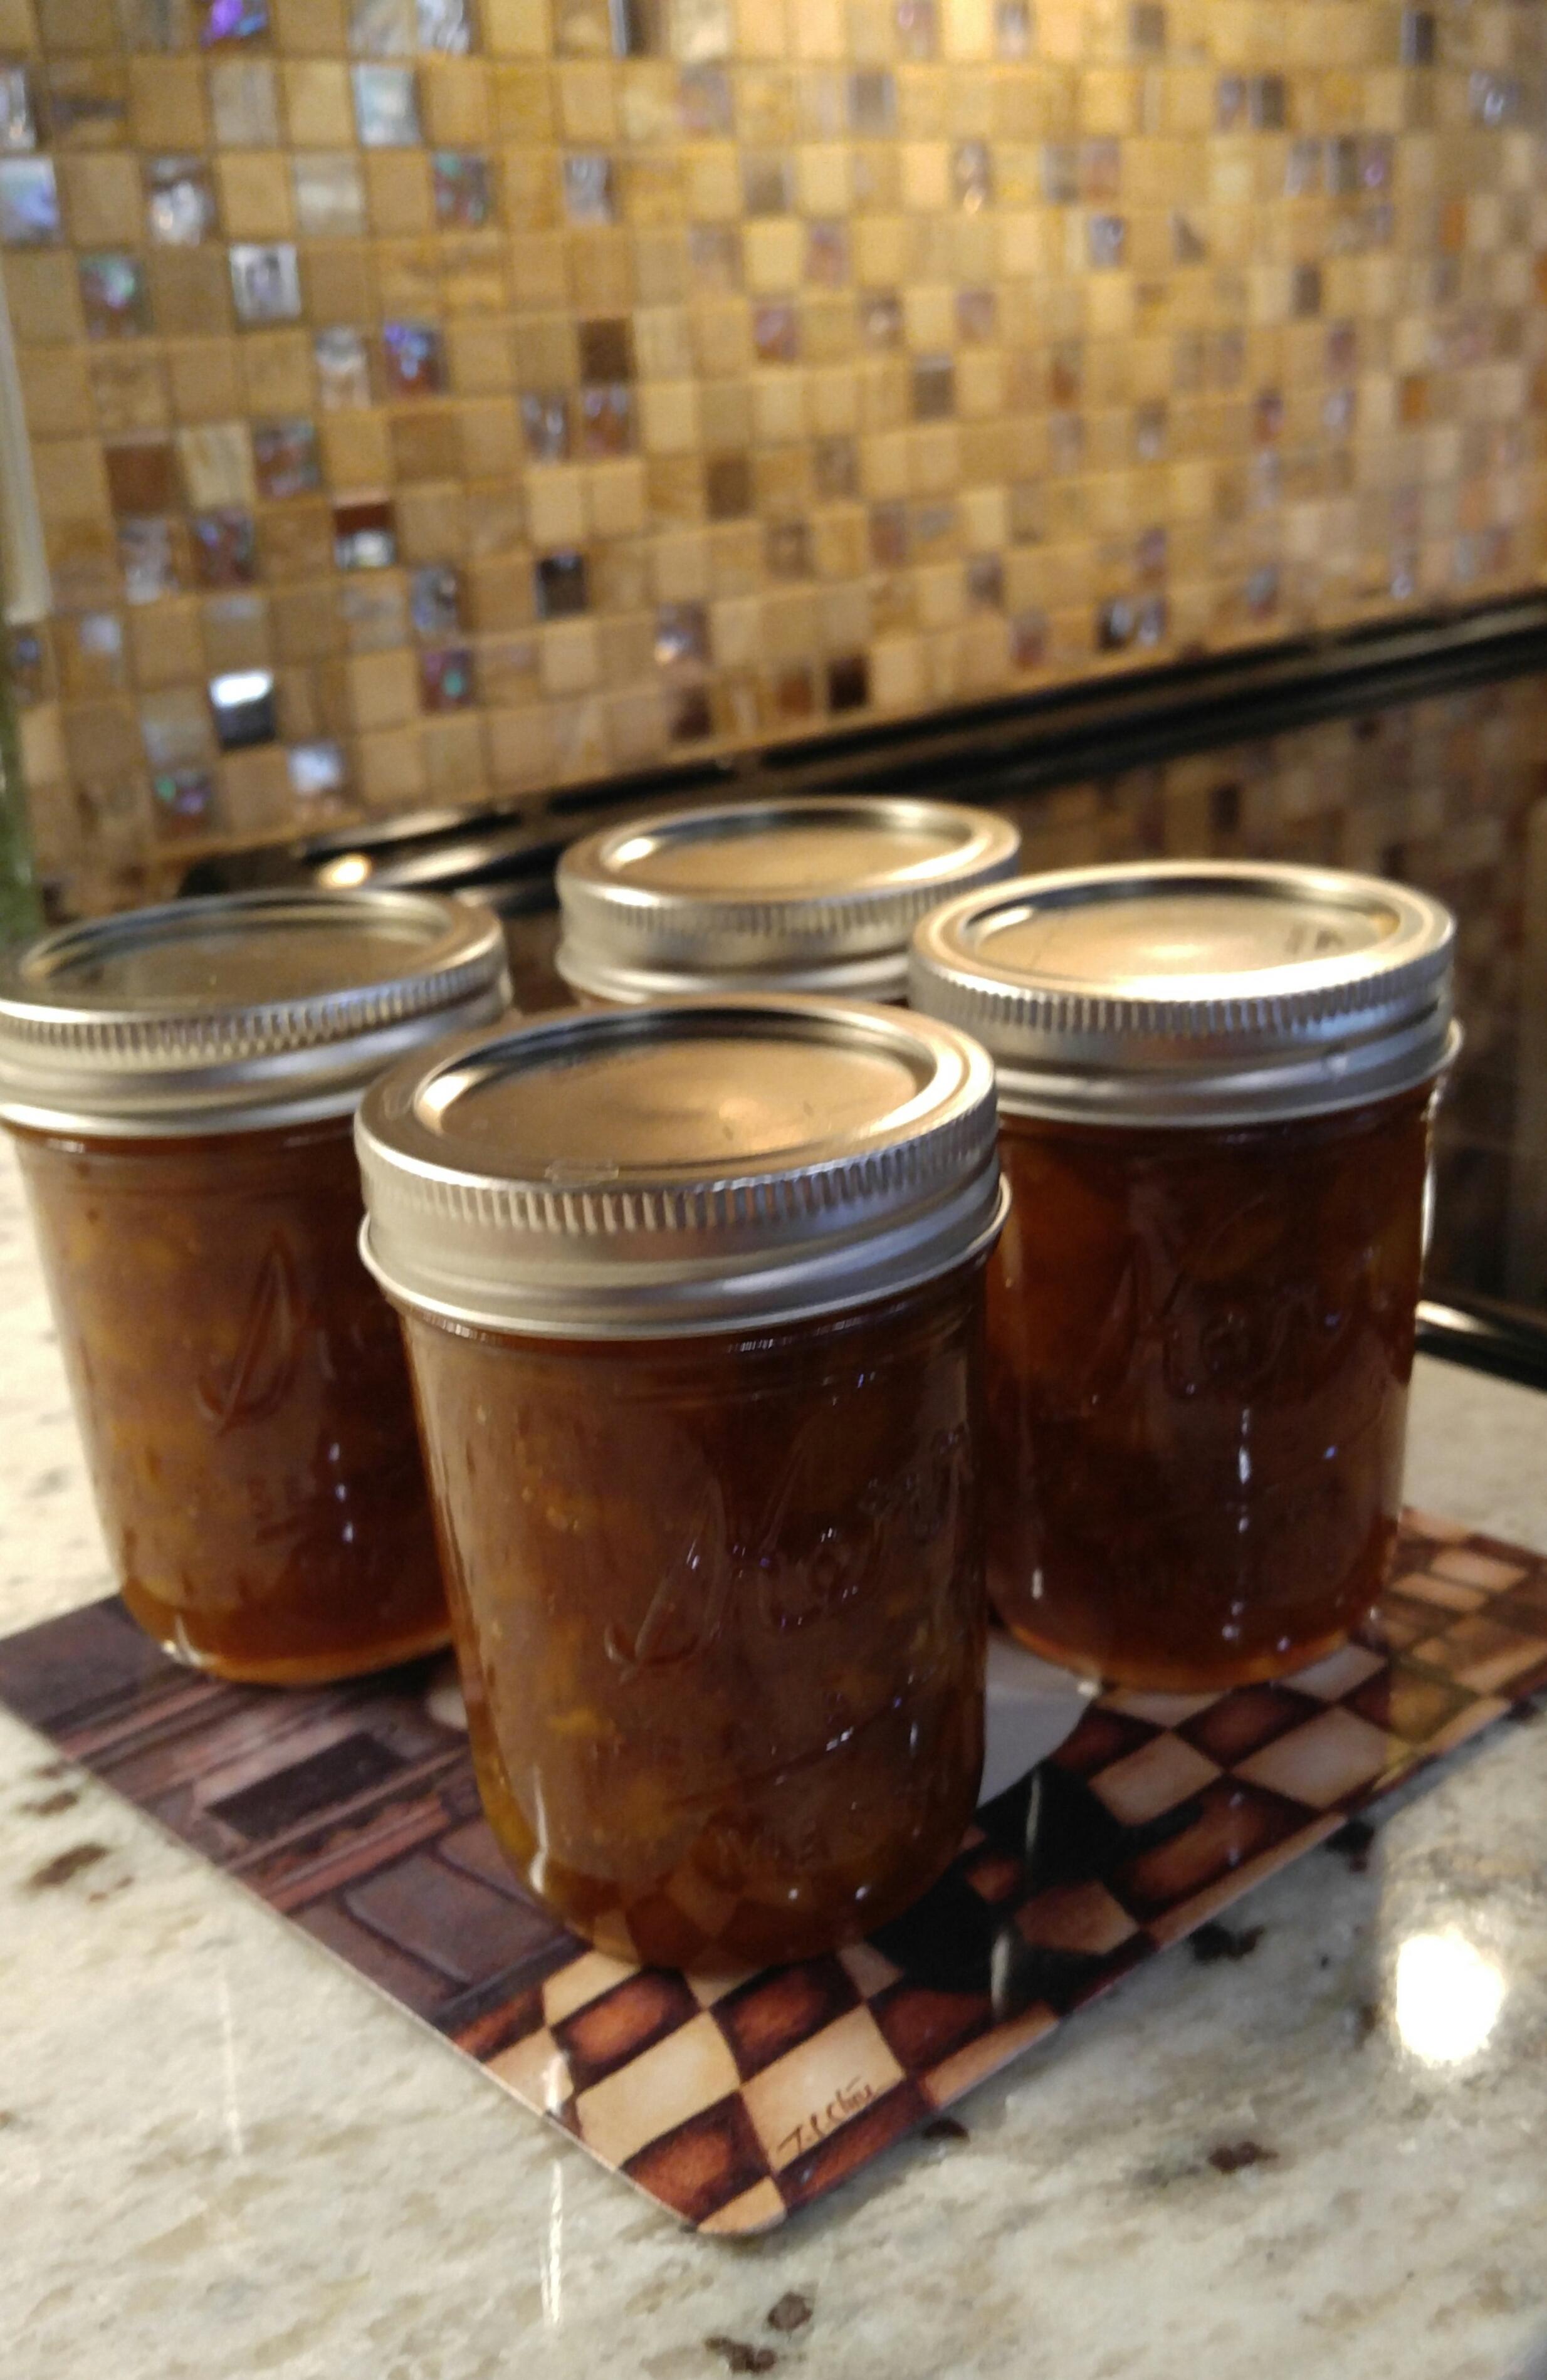 Fresh Spiced Peach Jam A. American Woman